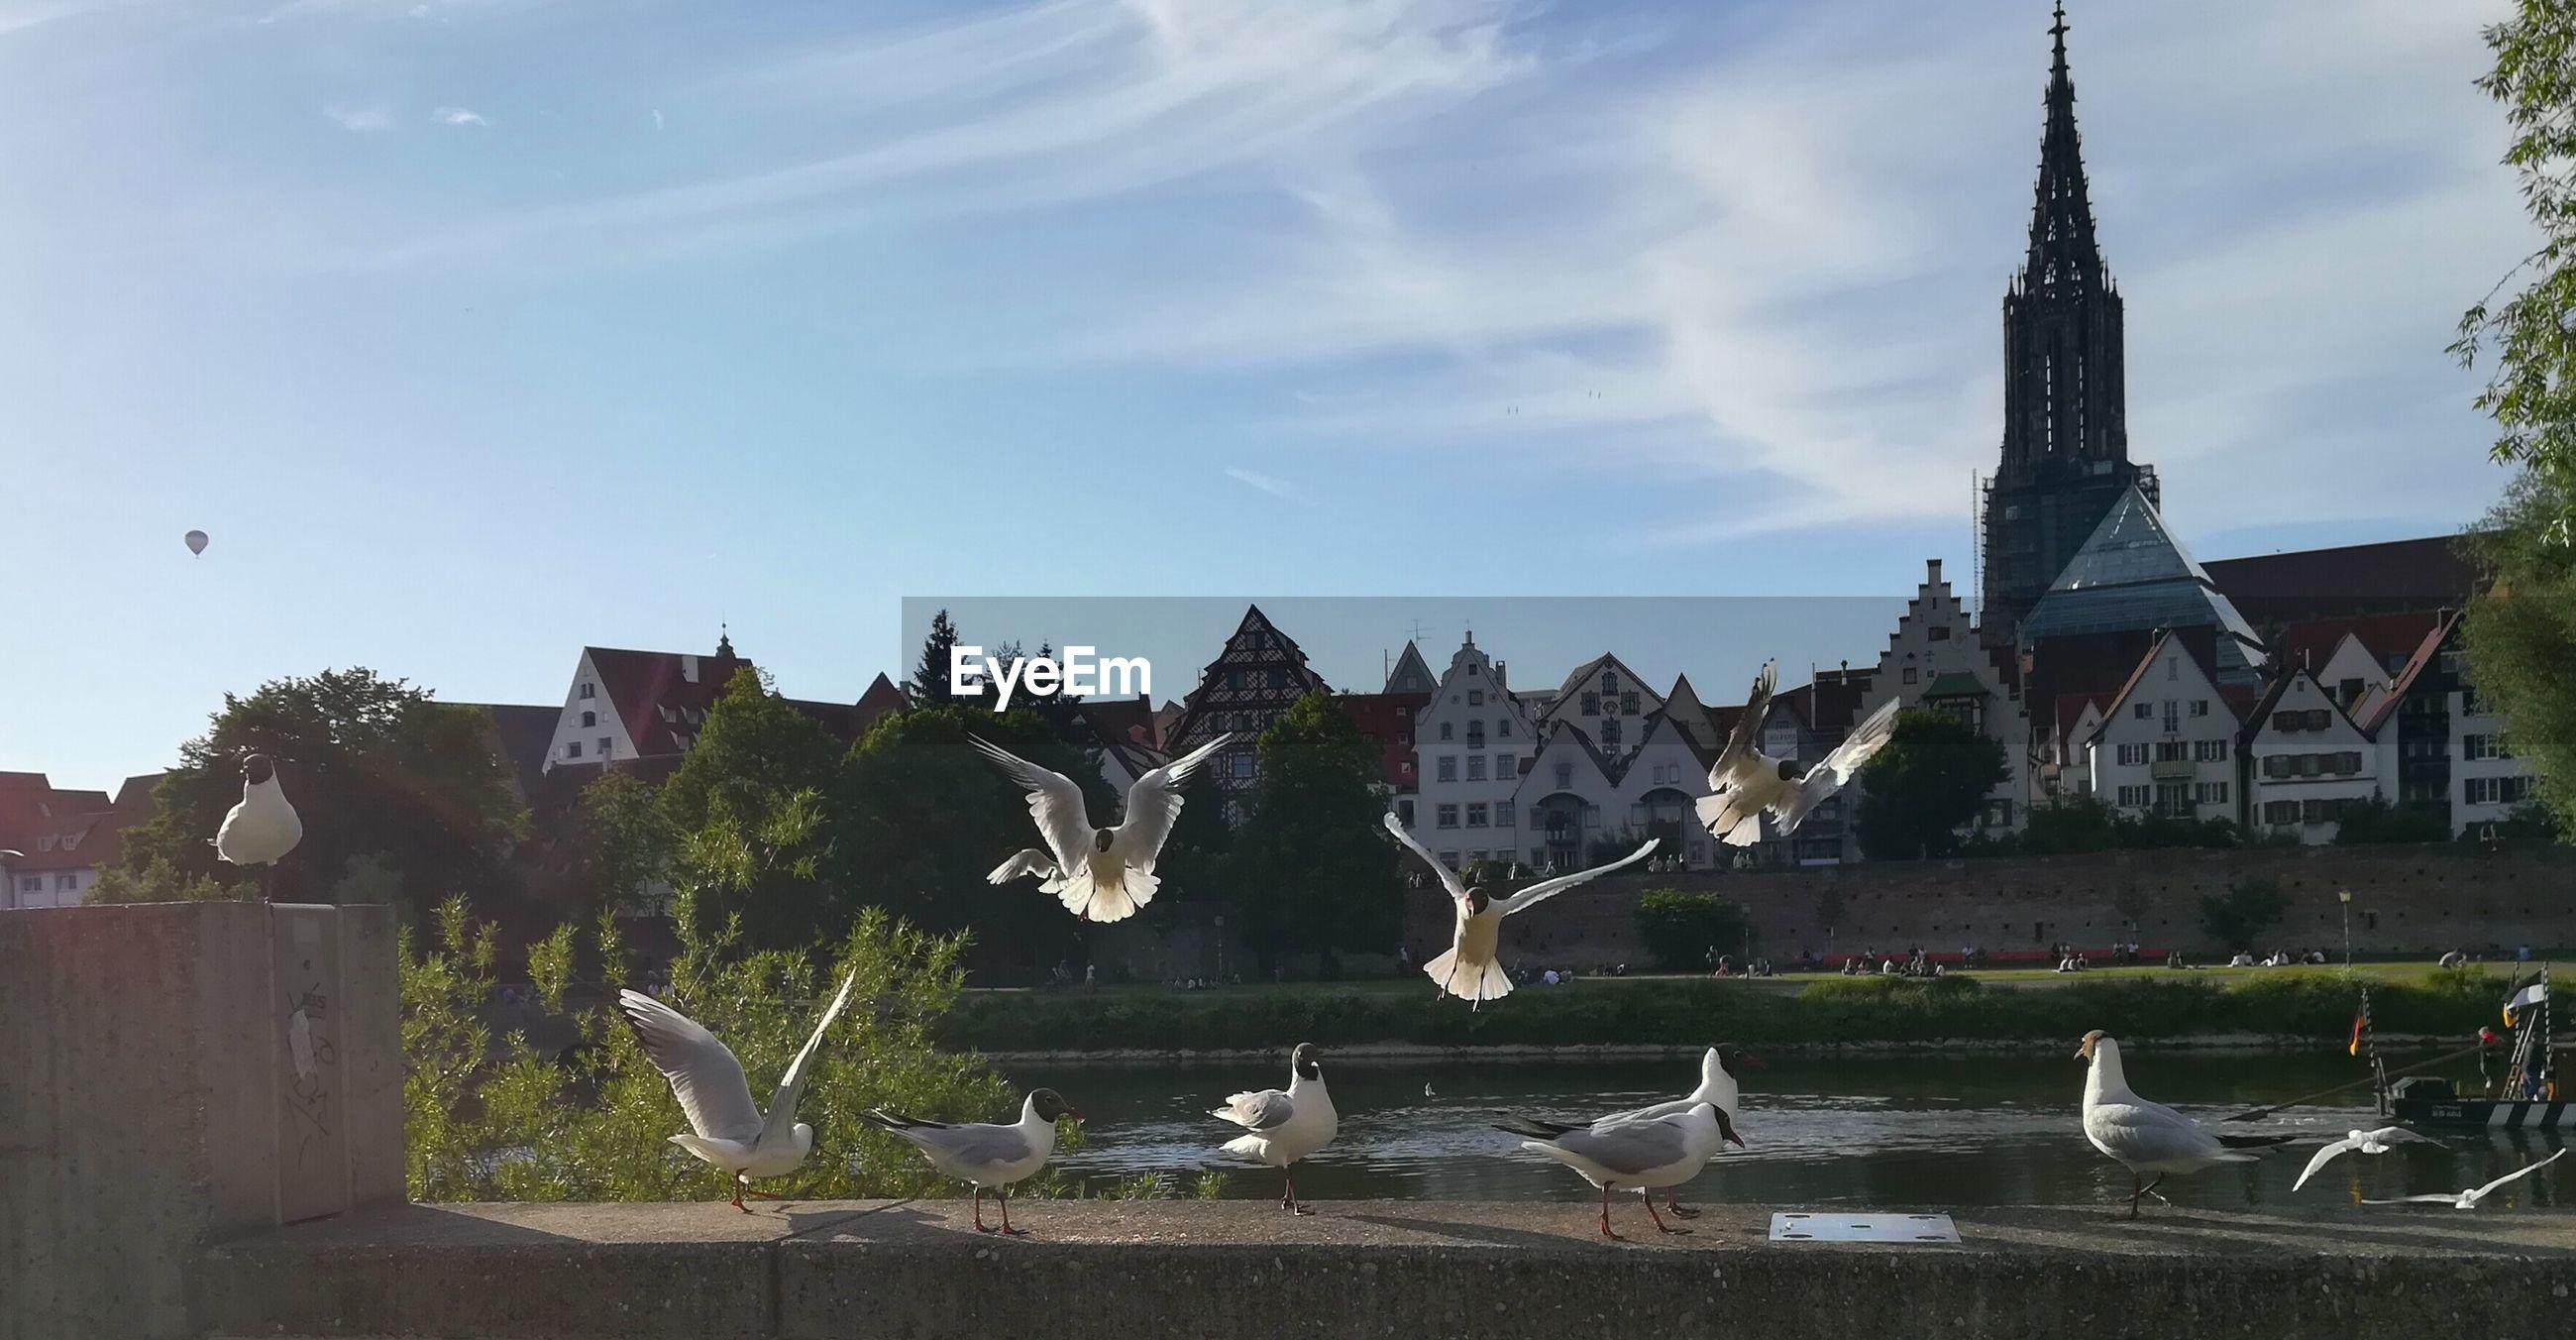 BIRDS FLYING OVER WATER IN CITY